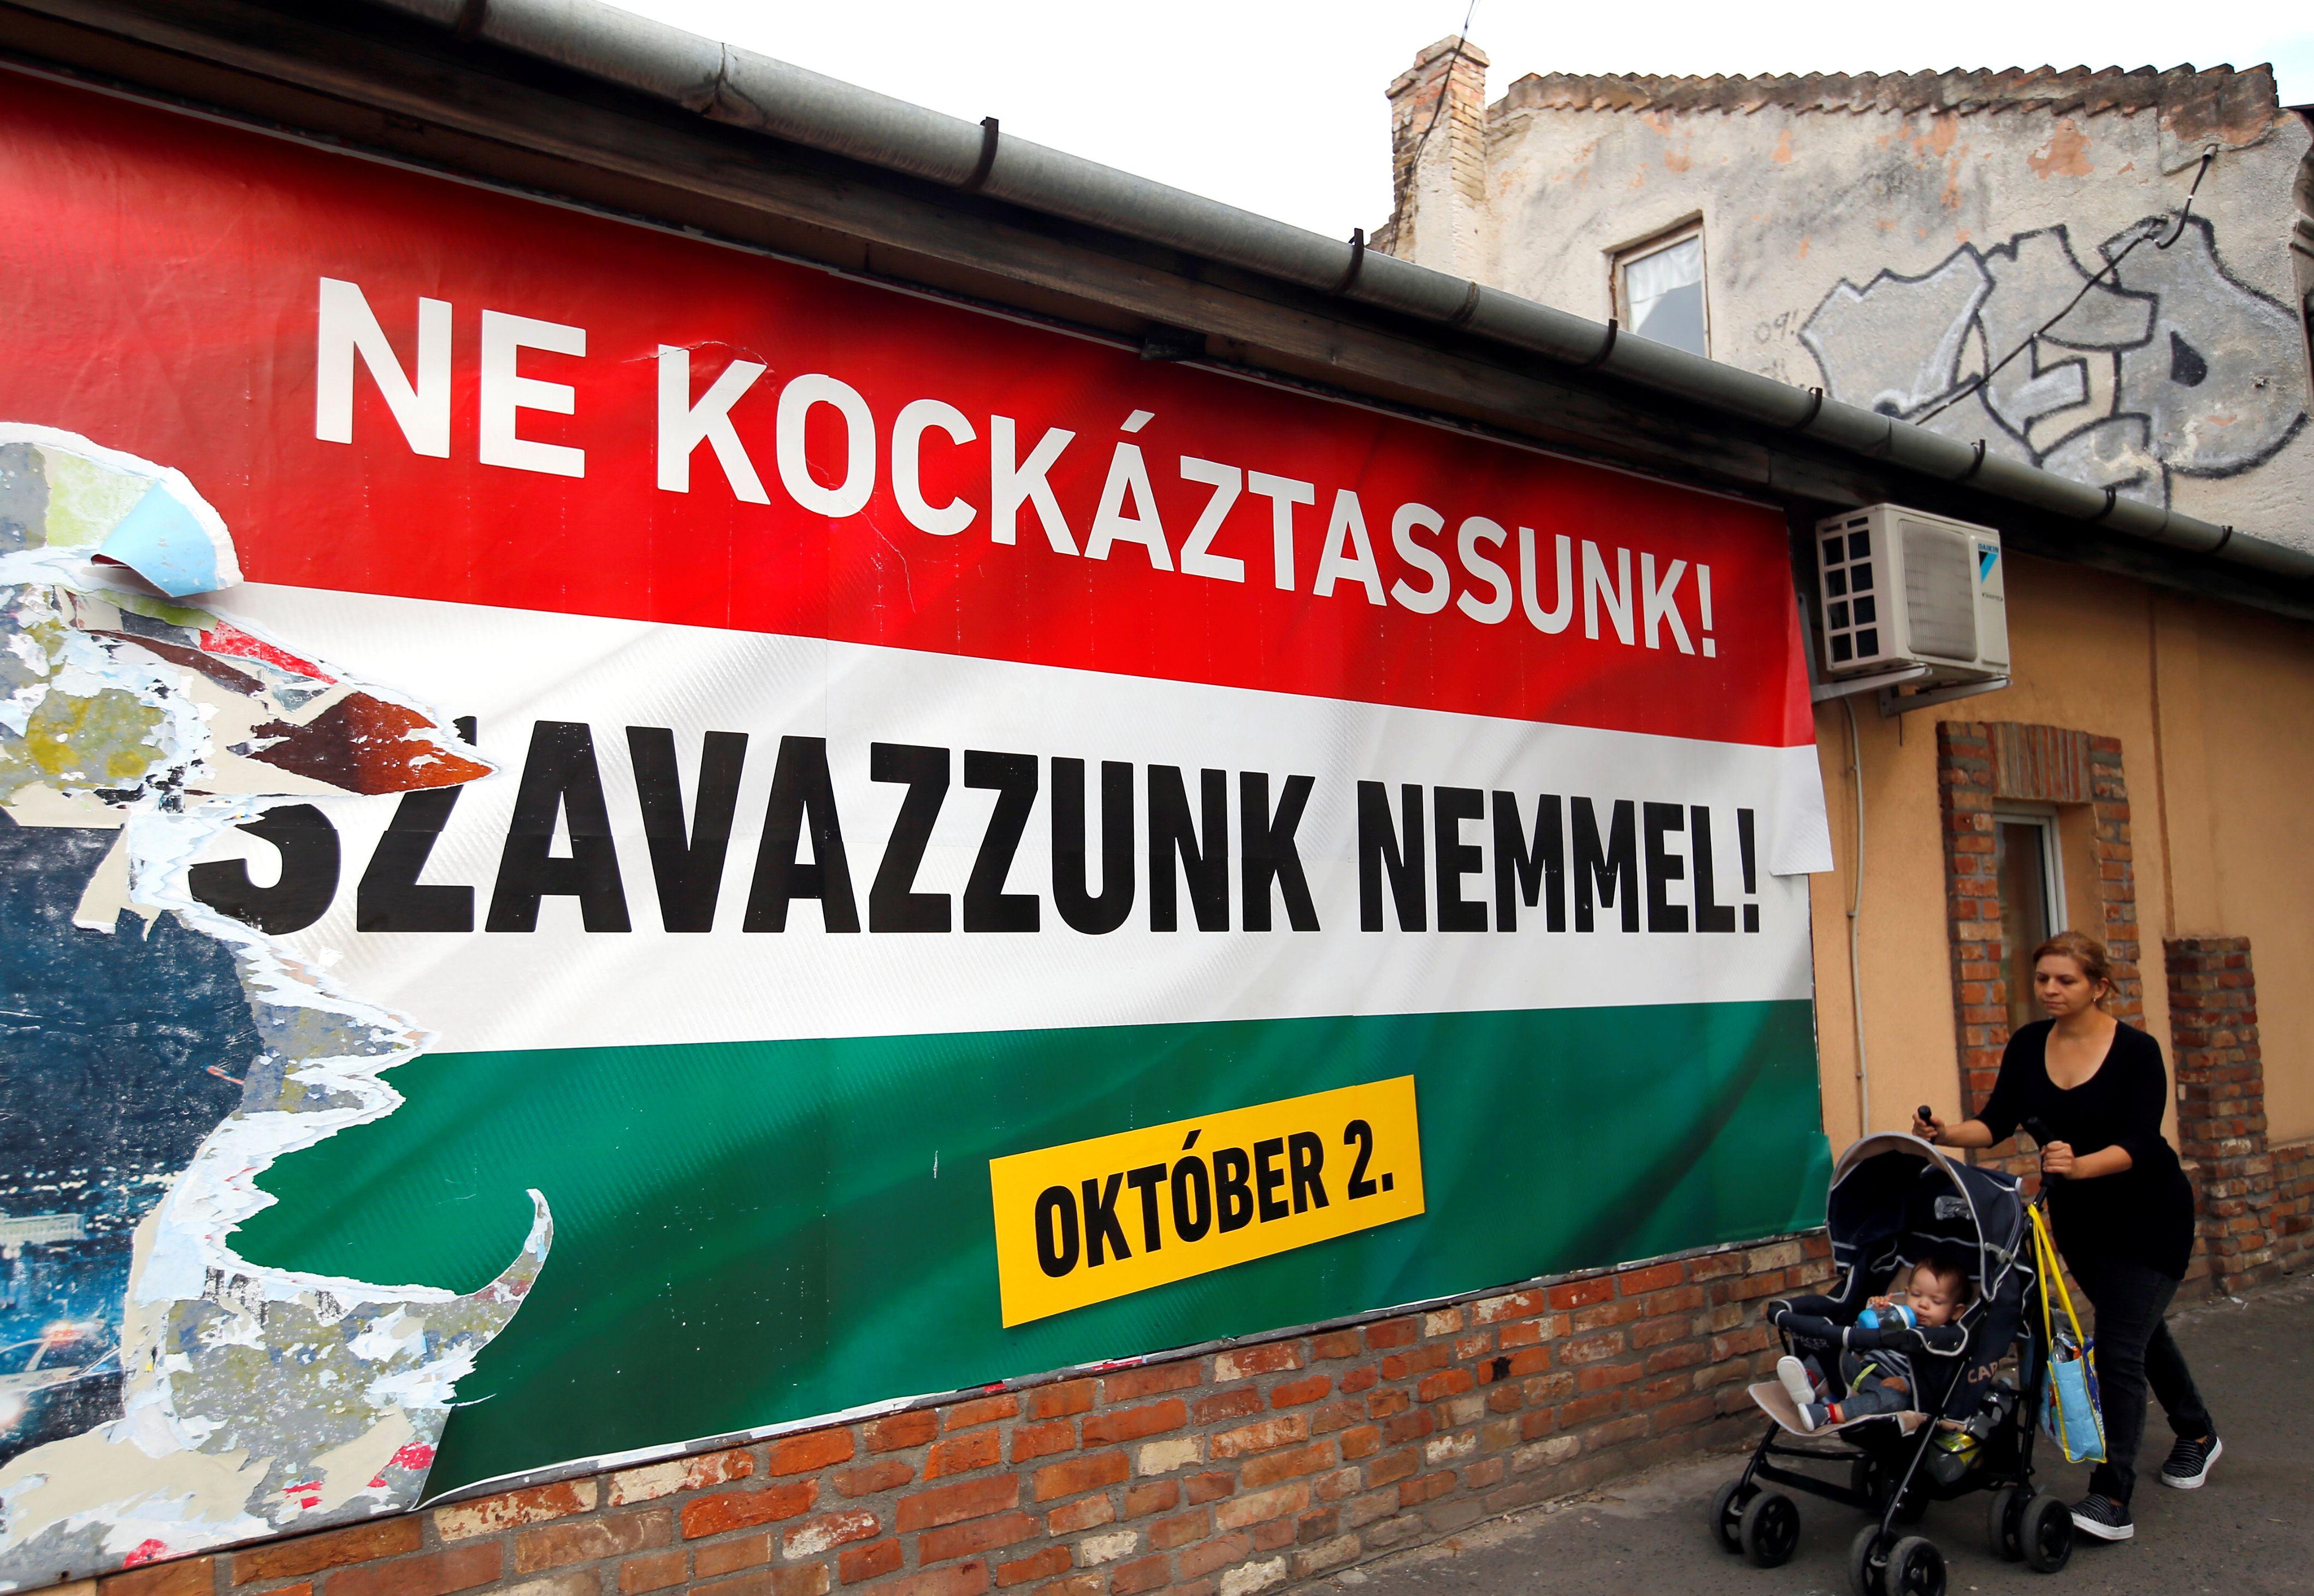 Une affiche appelant à voter contre la répartition des migrants lors du référendum du 2 octobre.